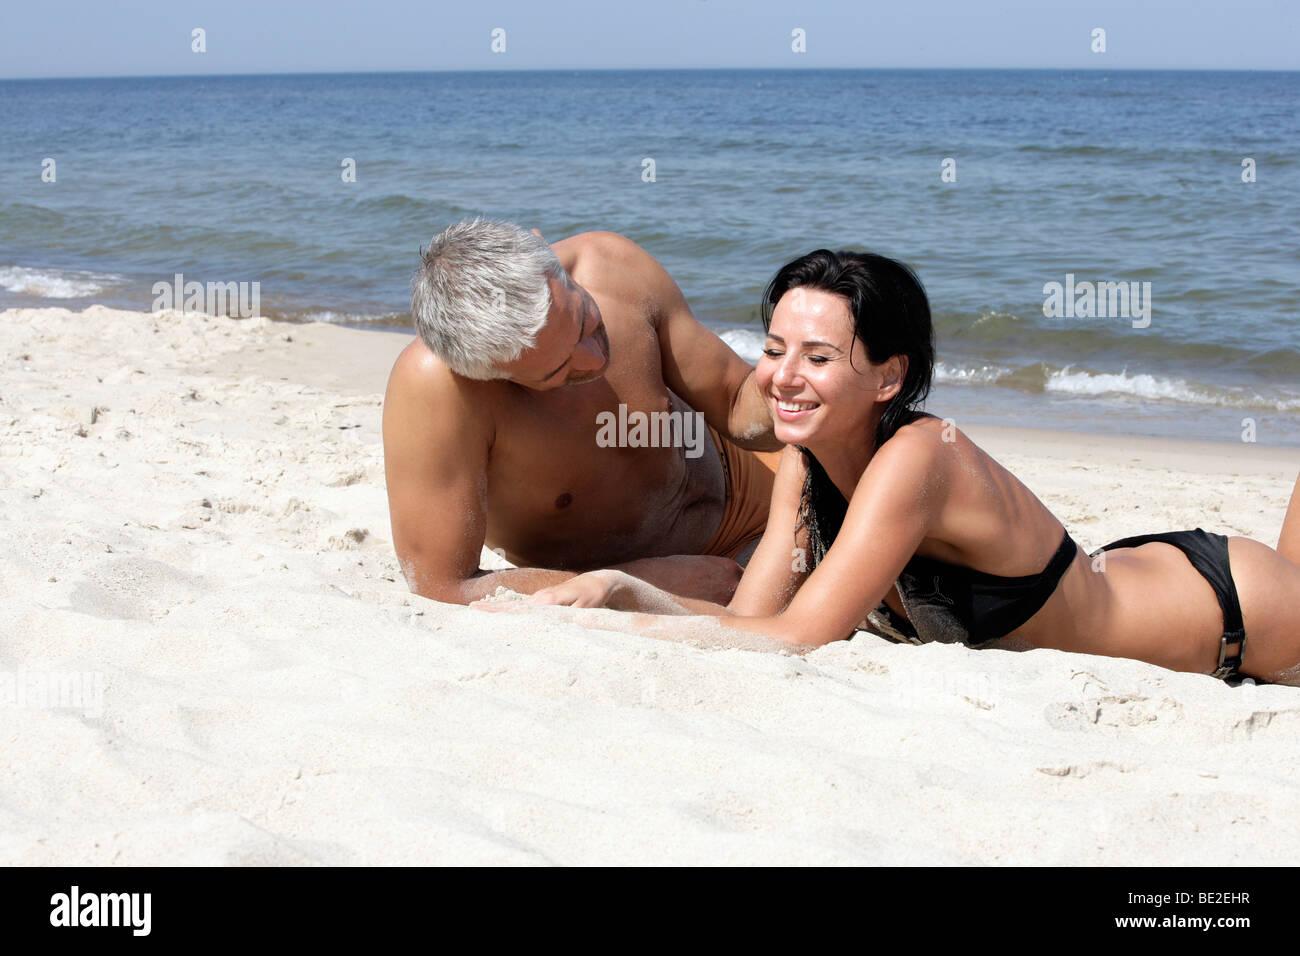 Attraente Coppia matura rilassante sulla spiaggia Immagini Stock